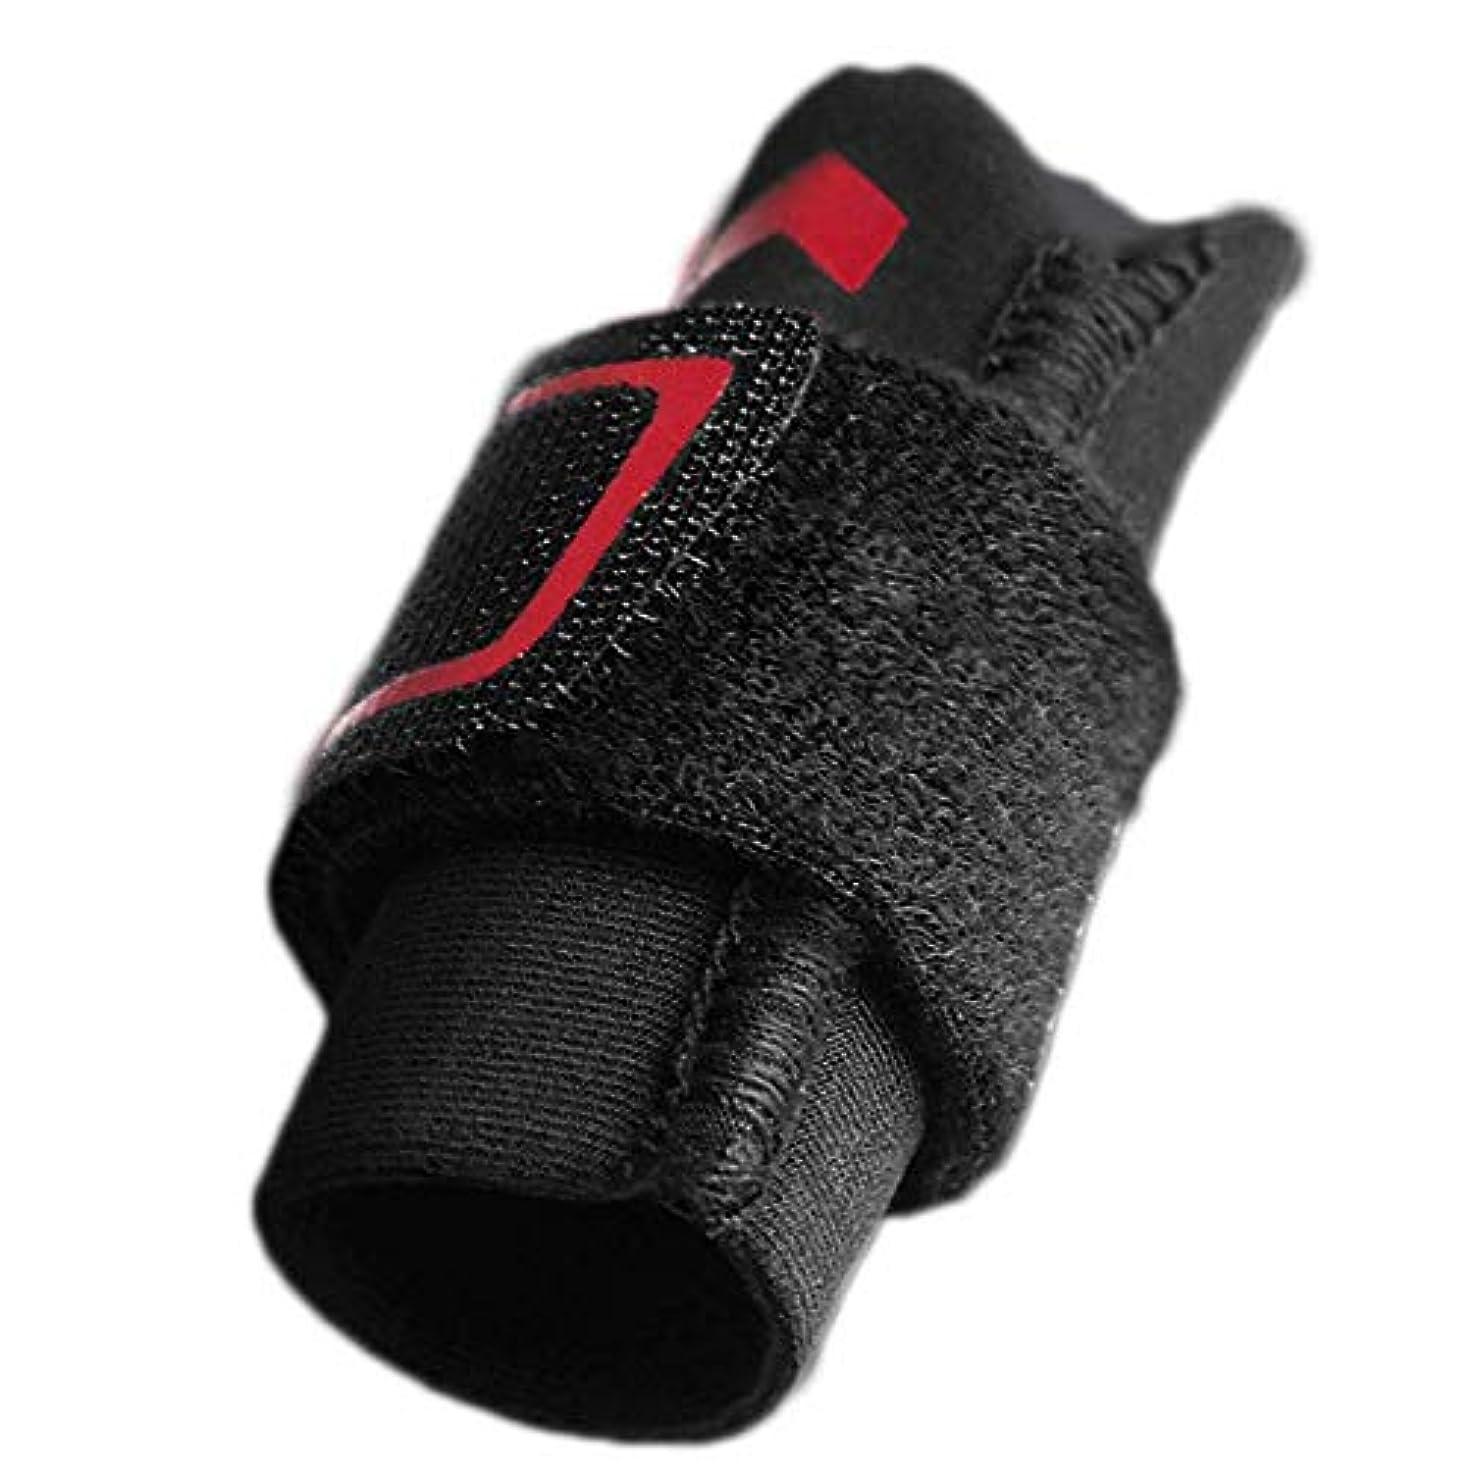 エキス悲惨取るに足らない指の損傷のサポート、指スリーブのサポートプロテクターの指の添え木、調整可能なベルクロ、関節痛の緩和,L